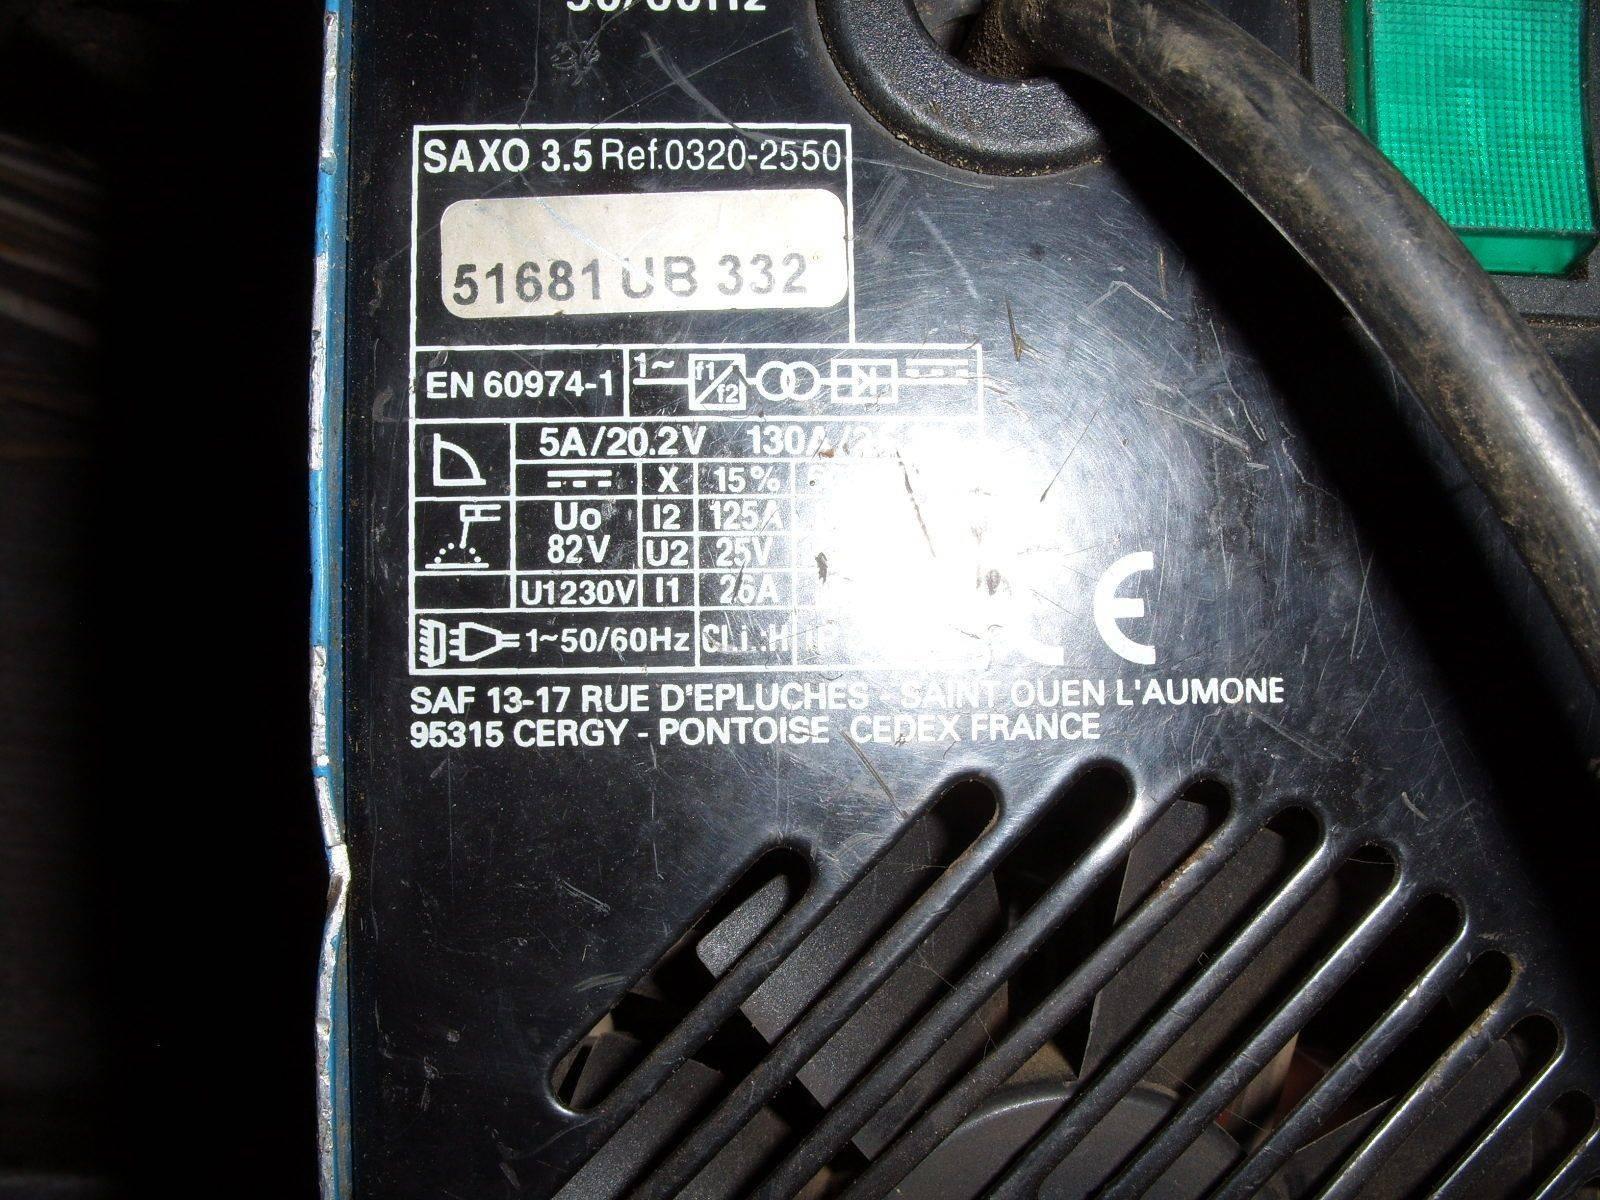 STP84565.JPG